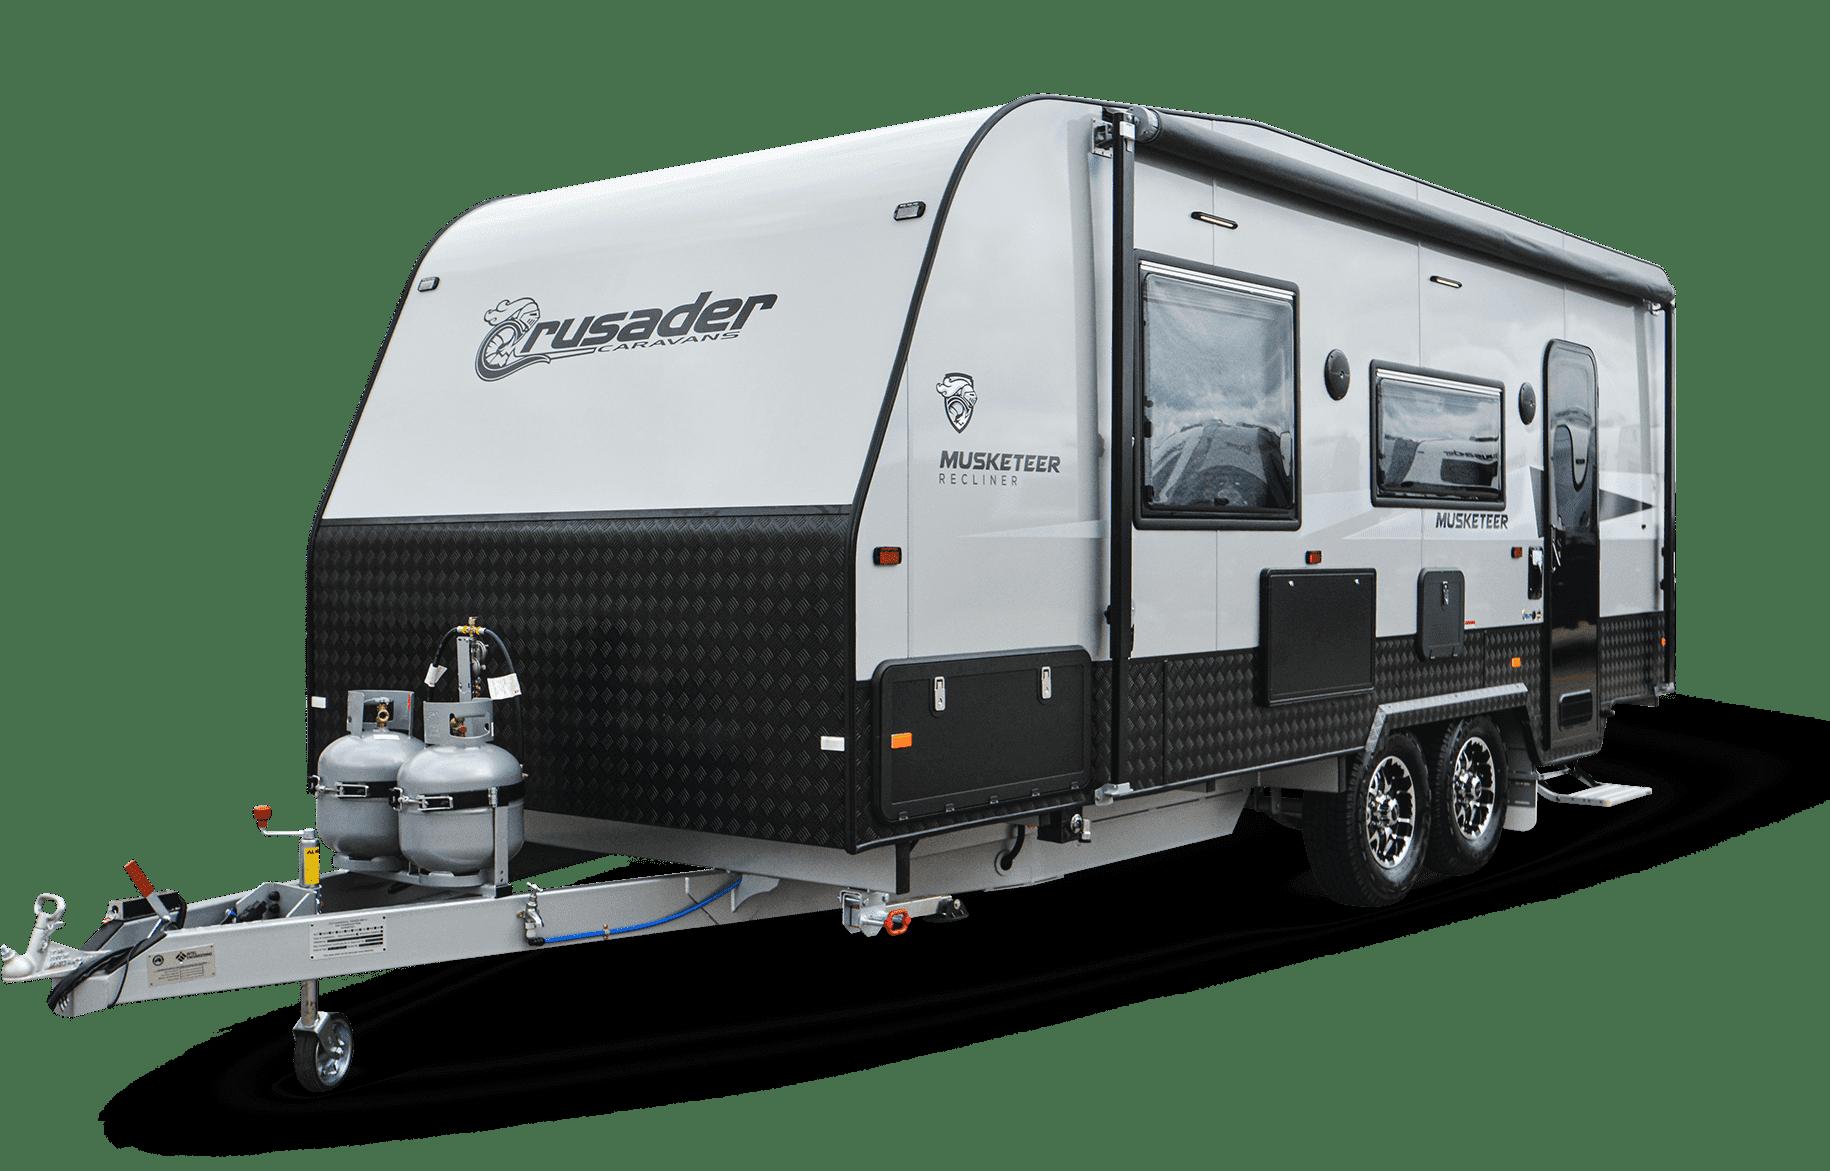 New Crusader Musketeer caravan for sale at Lewis RV.